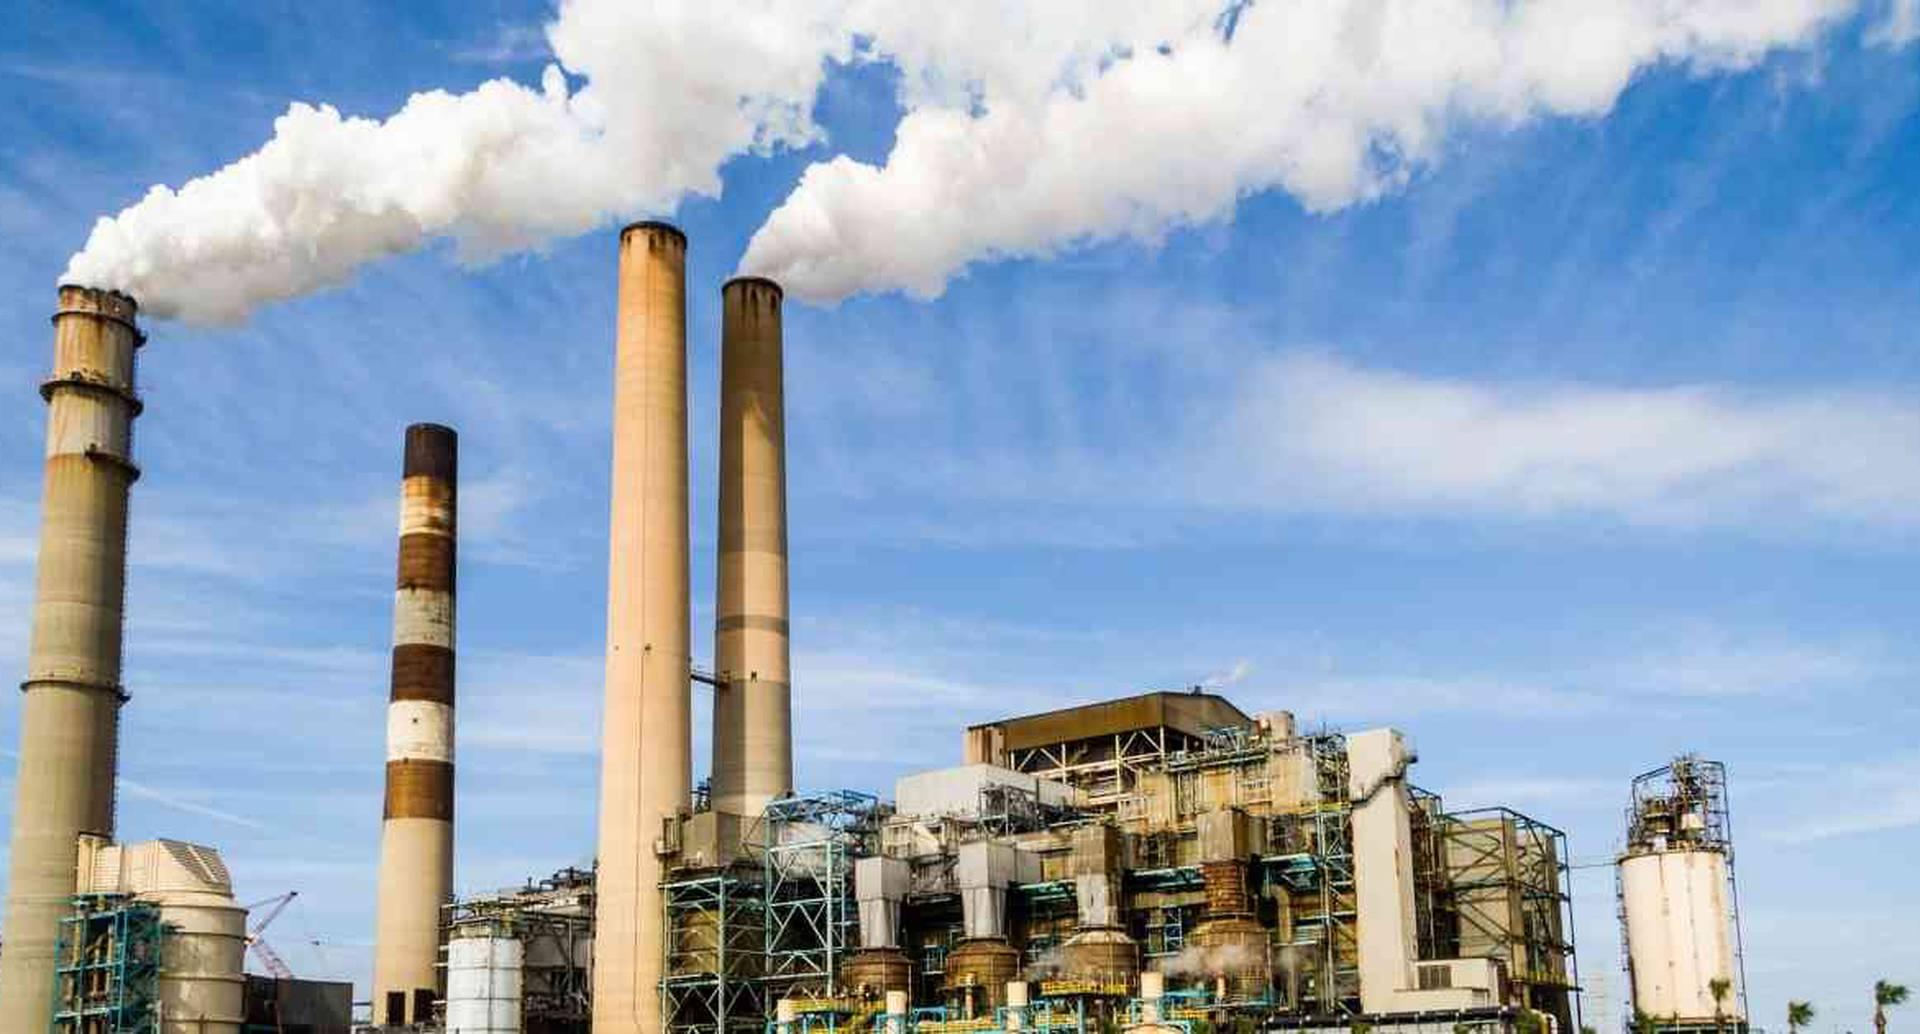 Empresas dedicadas a la producción de aceros y ladrillos, del sector termoeléctrico y cementero harán parte de esta iniciativa impulsada por Corpoboyacá y el Ministerio de Ambiente. Foto: Pixabay.